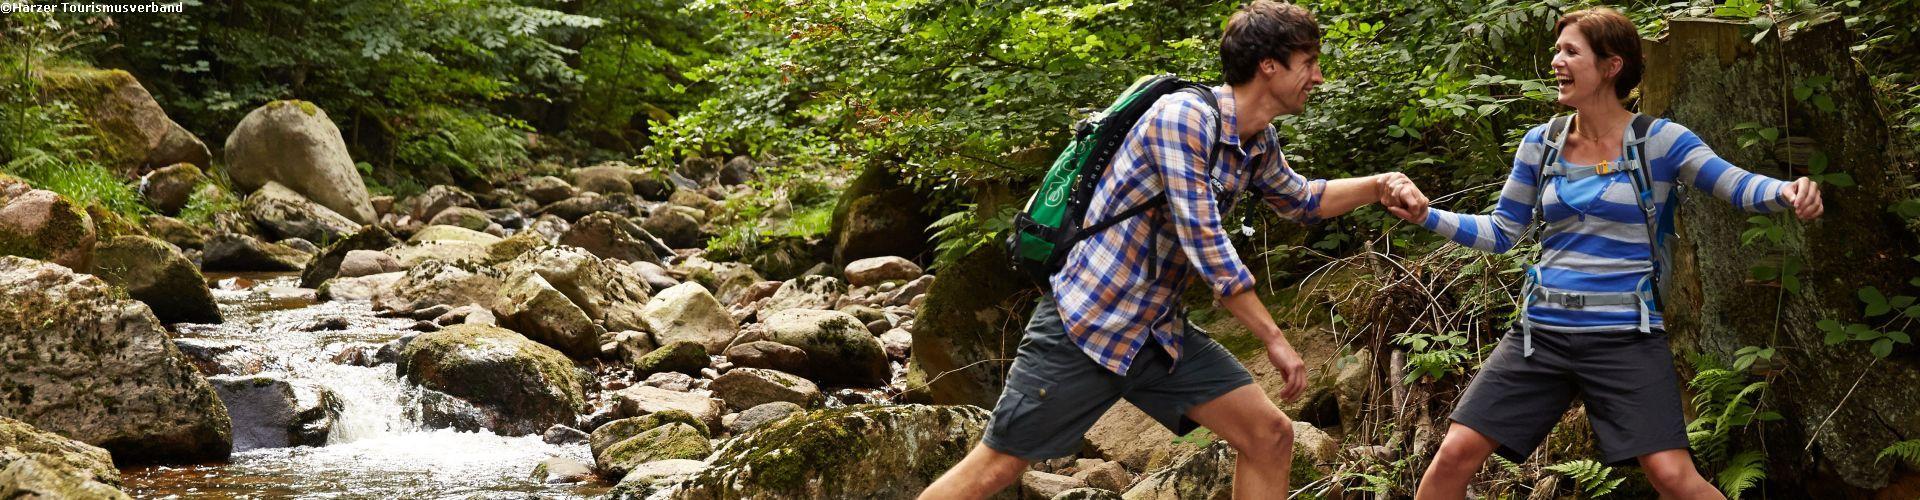 Angebote für Singlereisen Harz